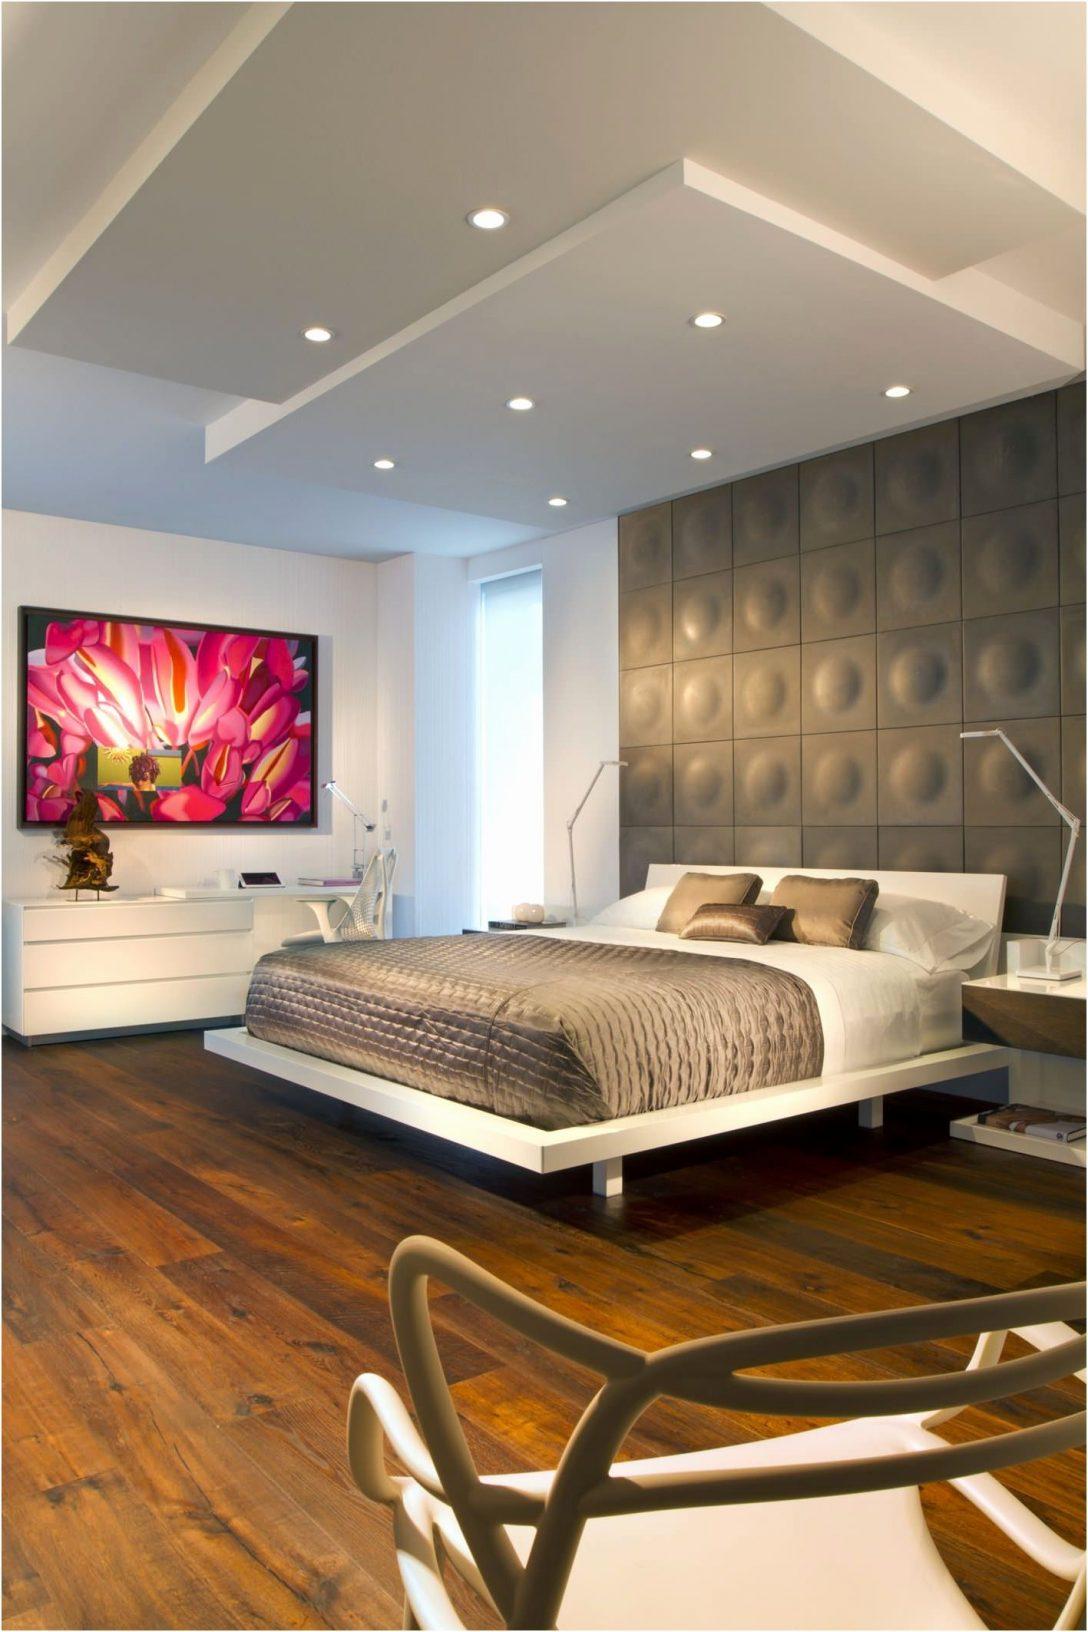 Large Size of Deckenleuchte Schlafzimmer Modern Led Esszimmer Licht Deckenleuchten Bad Vorhänge Wohnzimmer Komplett Mit Lattenrost Und Matratze Küche Holz Günstige Schlafzimmer Deckenleuchte Schlafzimmer Modern